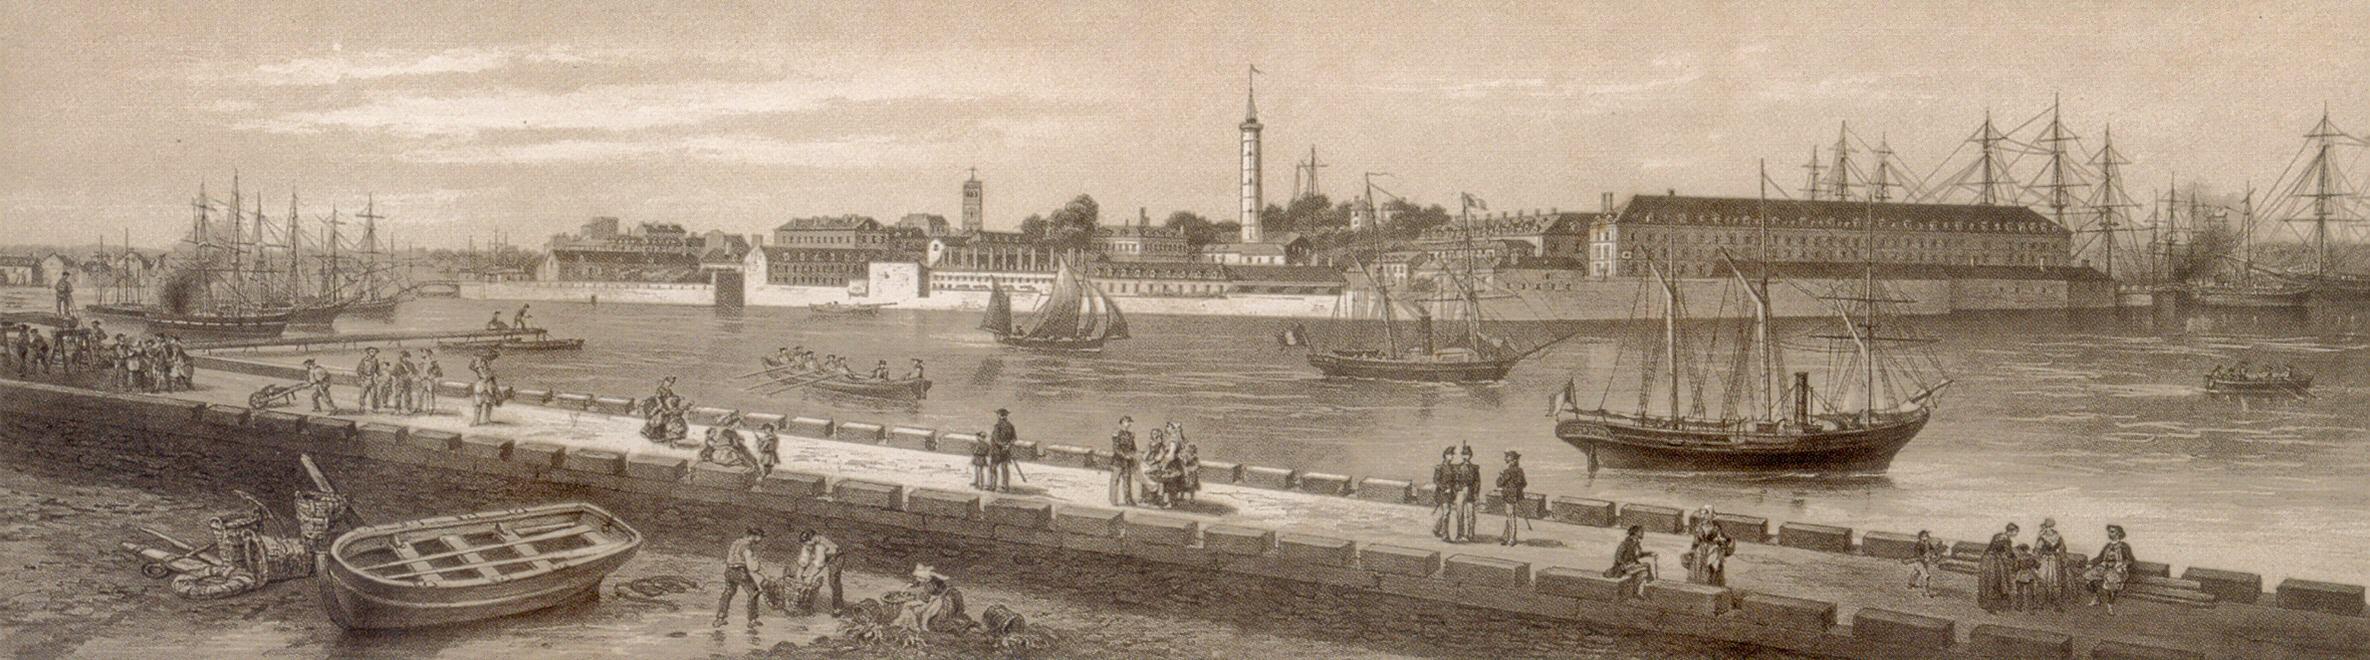 31 Août 1666